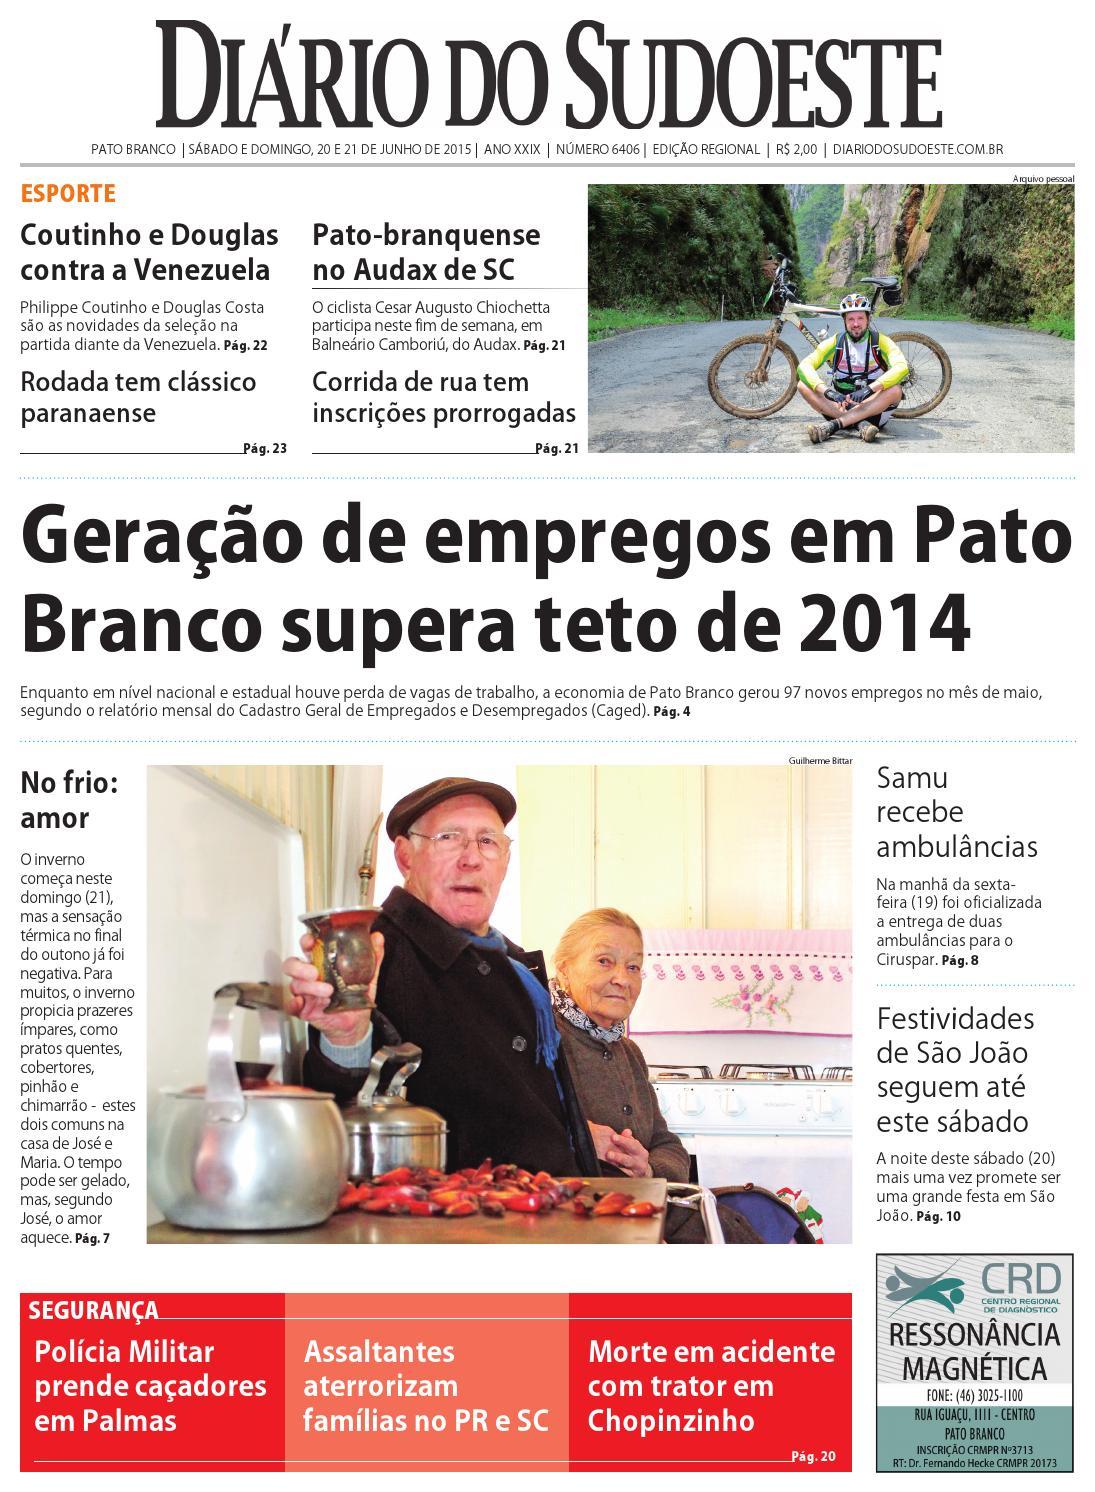 085c76aa92 Diario do sudoeste 20 e 21 de juho de 2015 ed 6404 by Diário do Sudoeste -  issuu